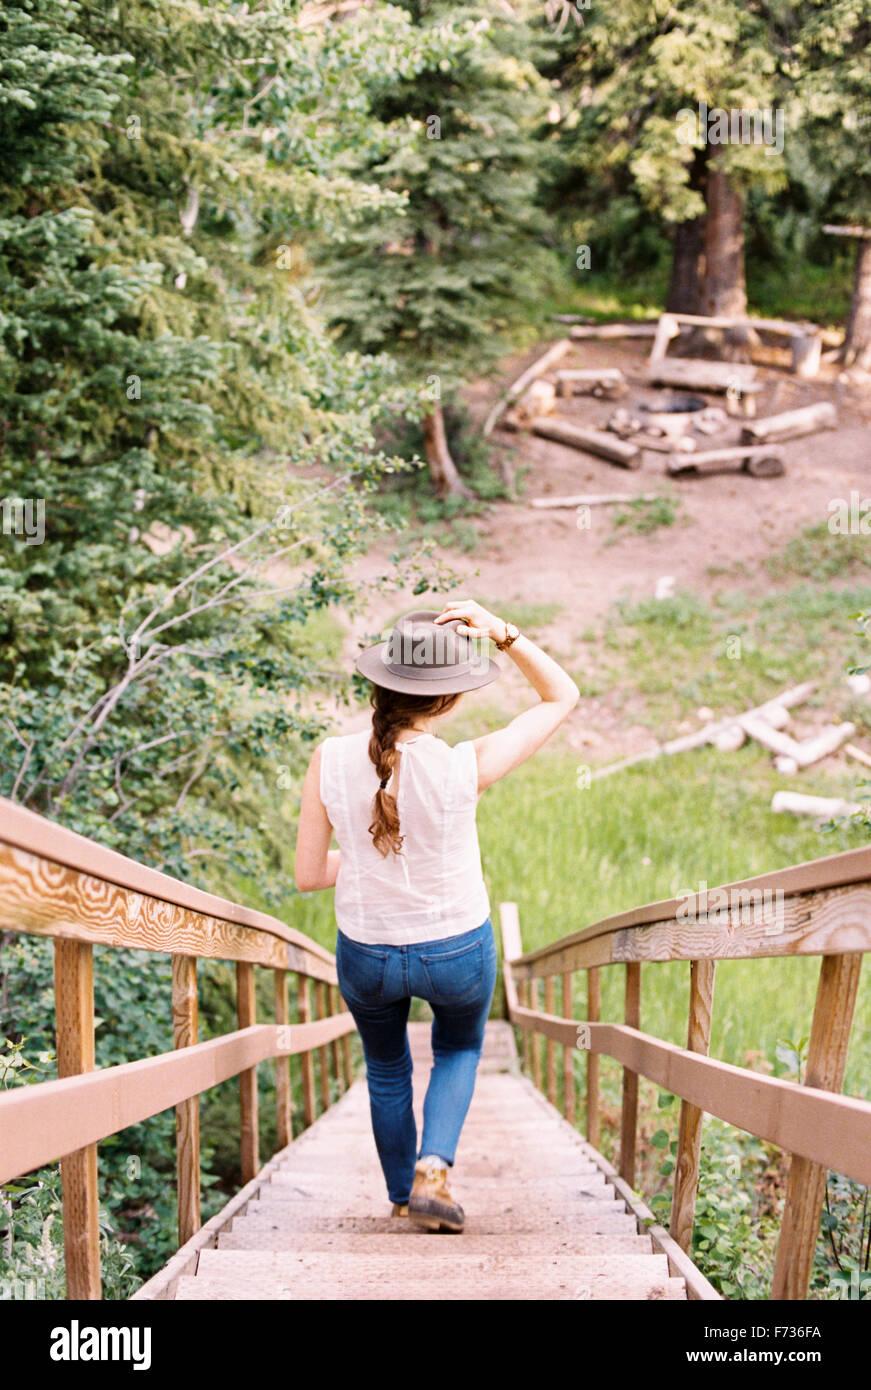 Angolo di alta vista di una donna che cammina verso il basso una ripida scala in legno. Immagini Stock